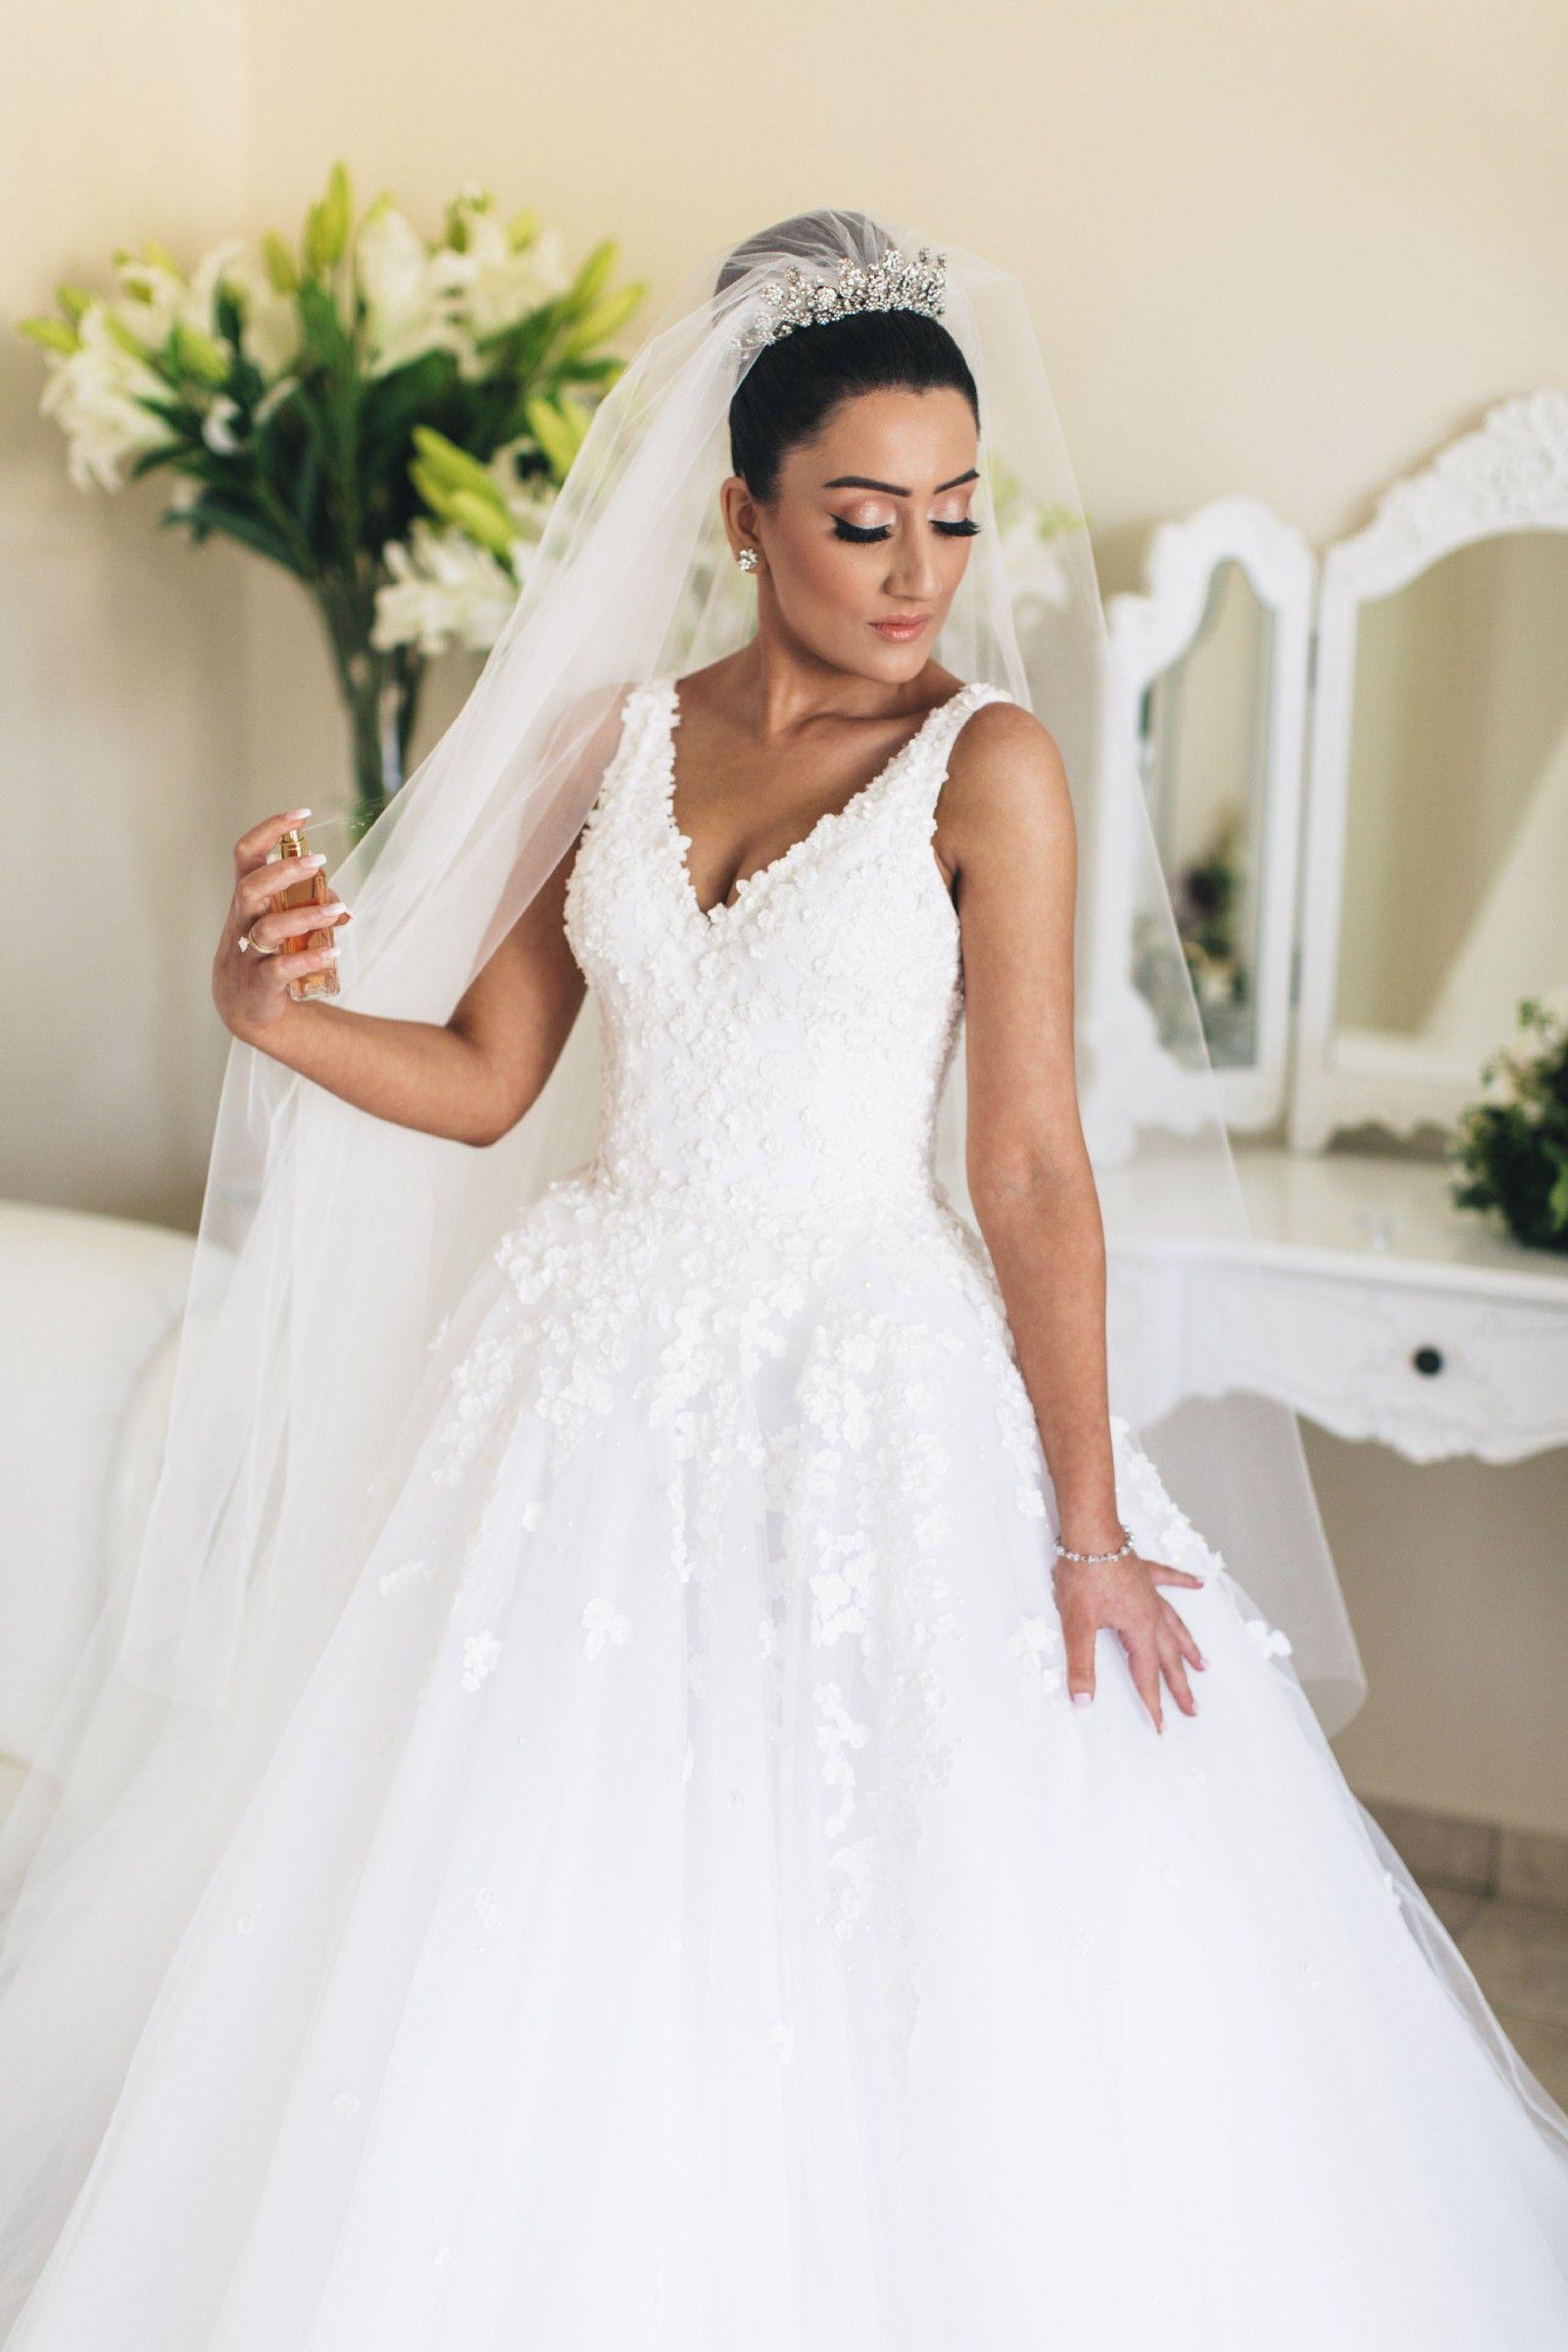 Strapless bra for wedding dress plus size  Steven Khalil Custom Made Wedding Dress in   Steven Khalil